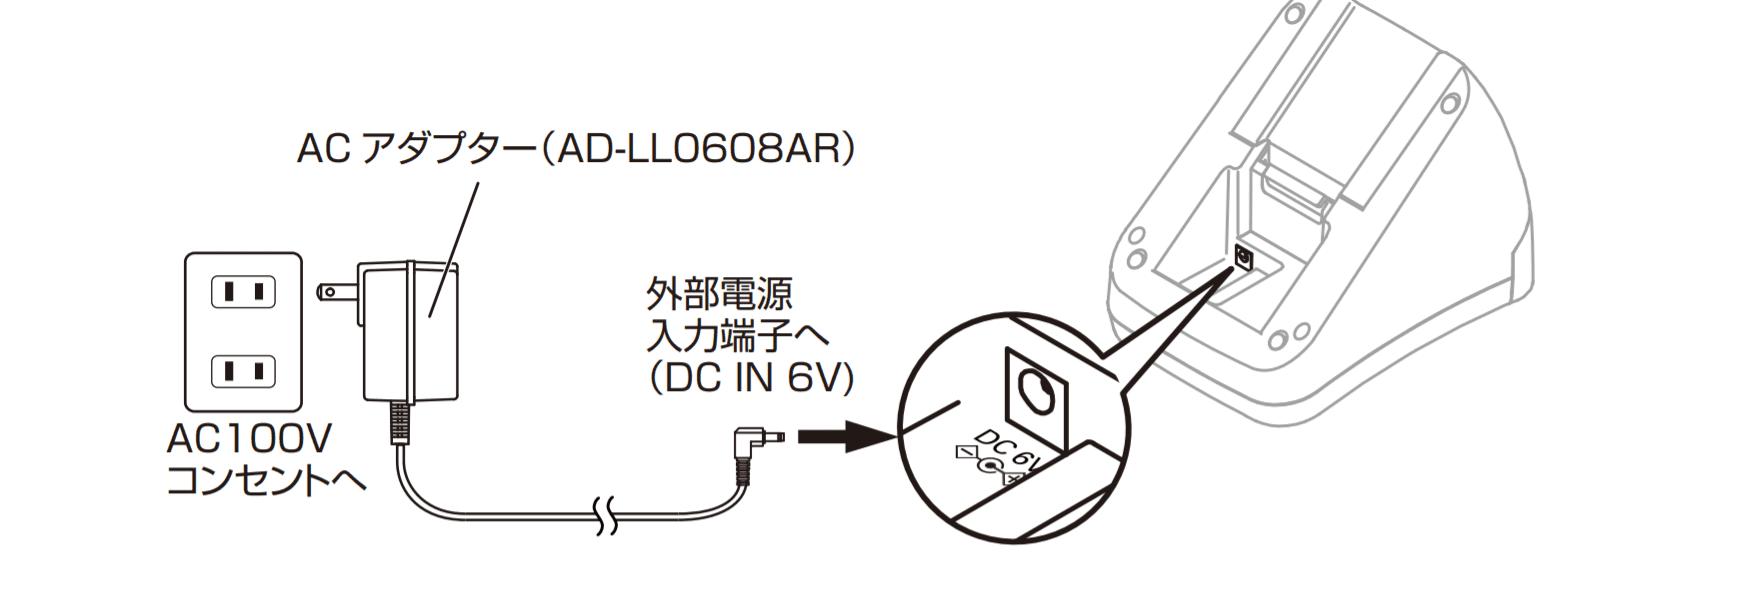 ACアダプターが使用できる手元スピーカー